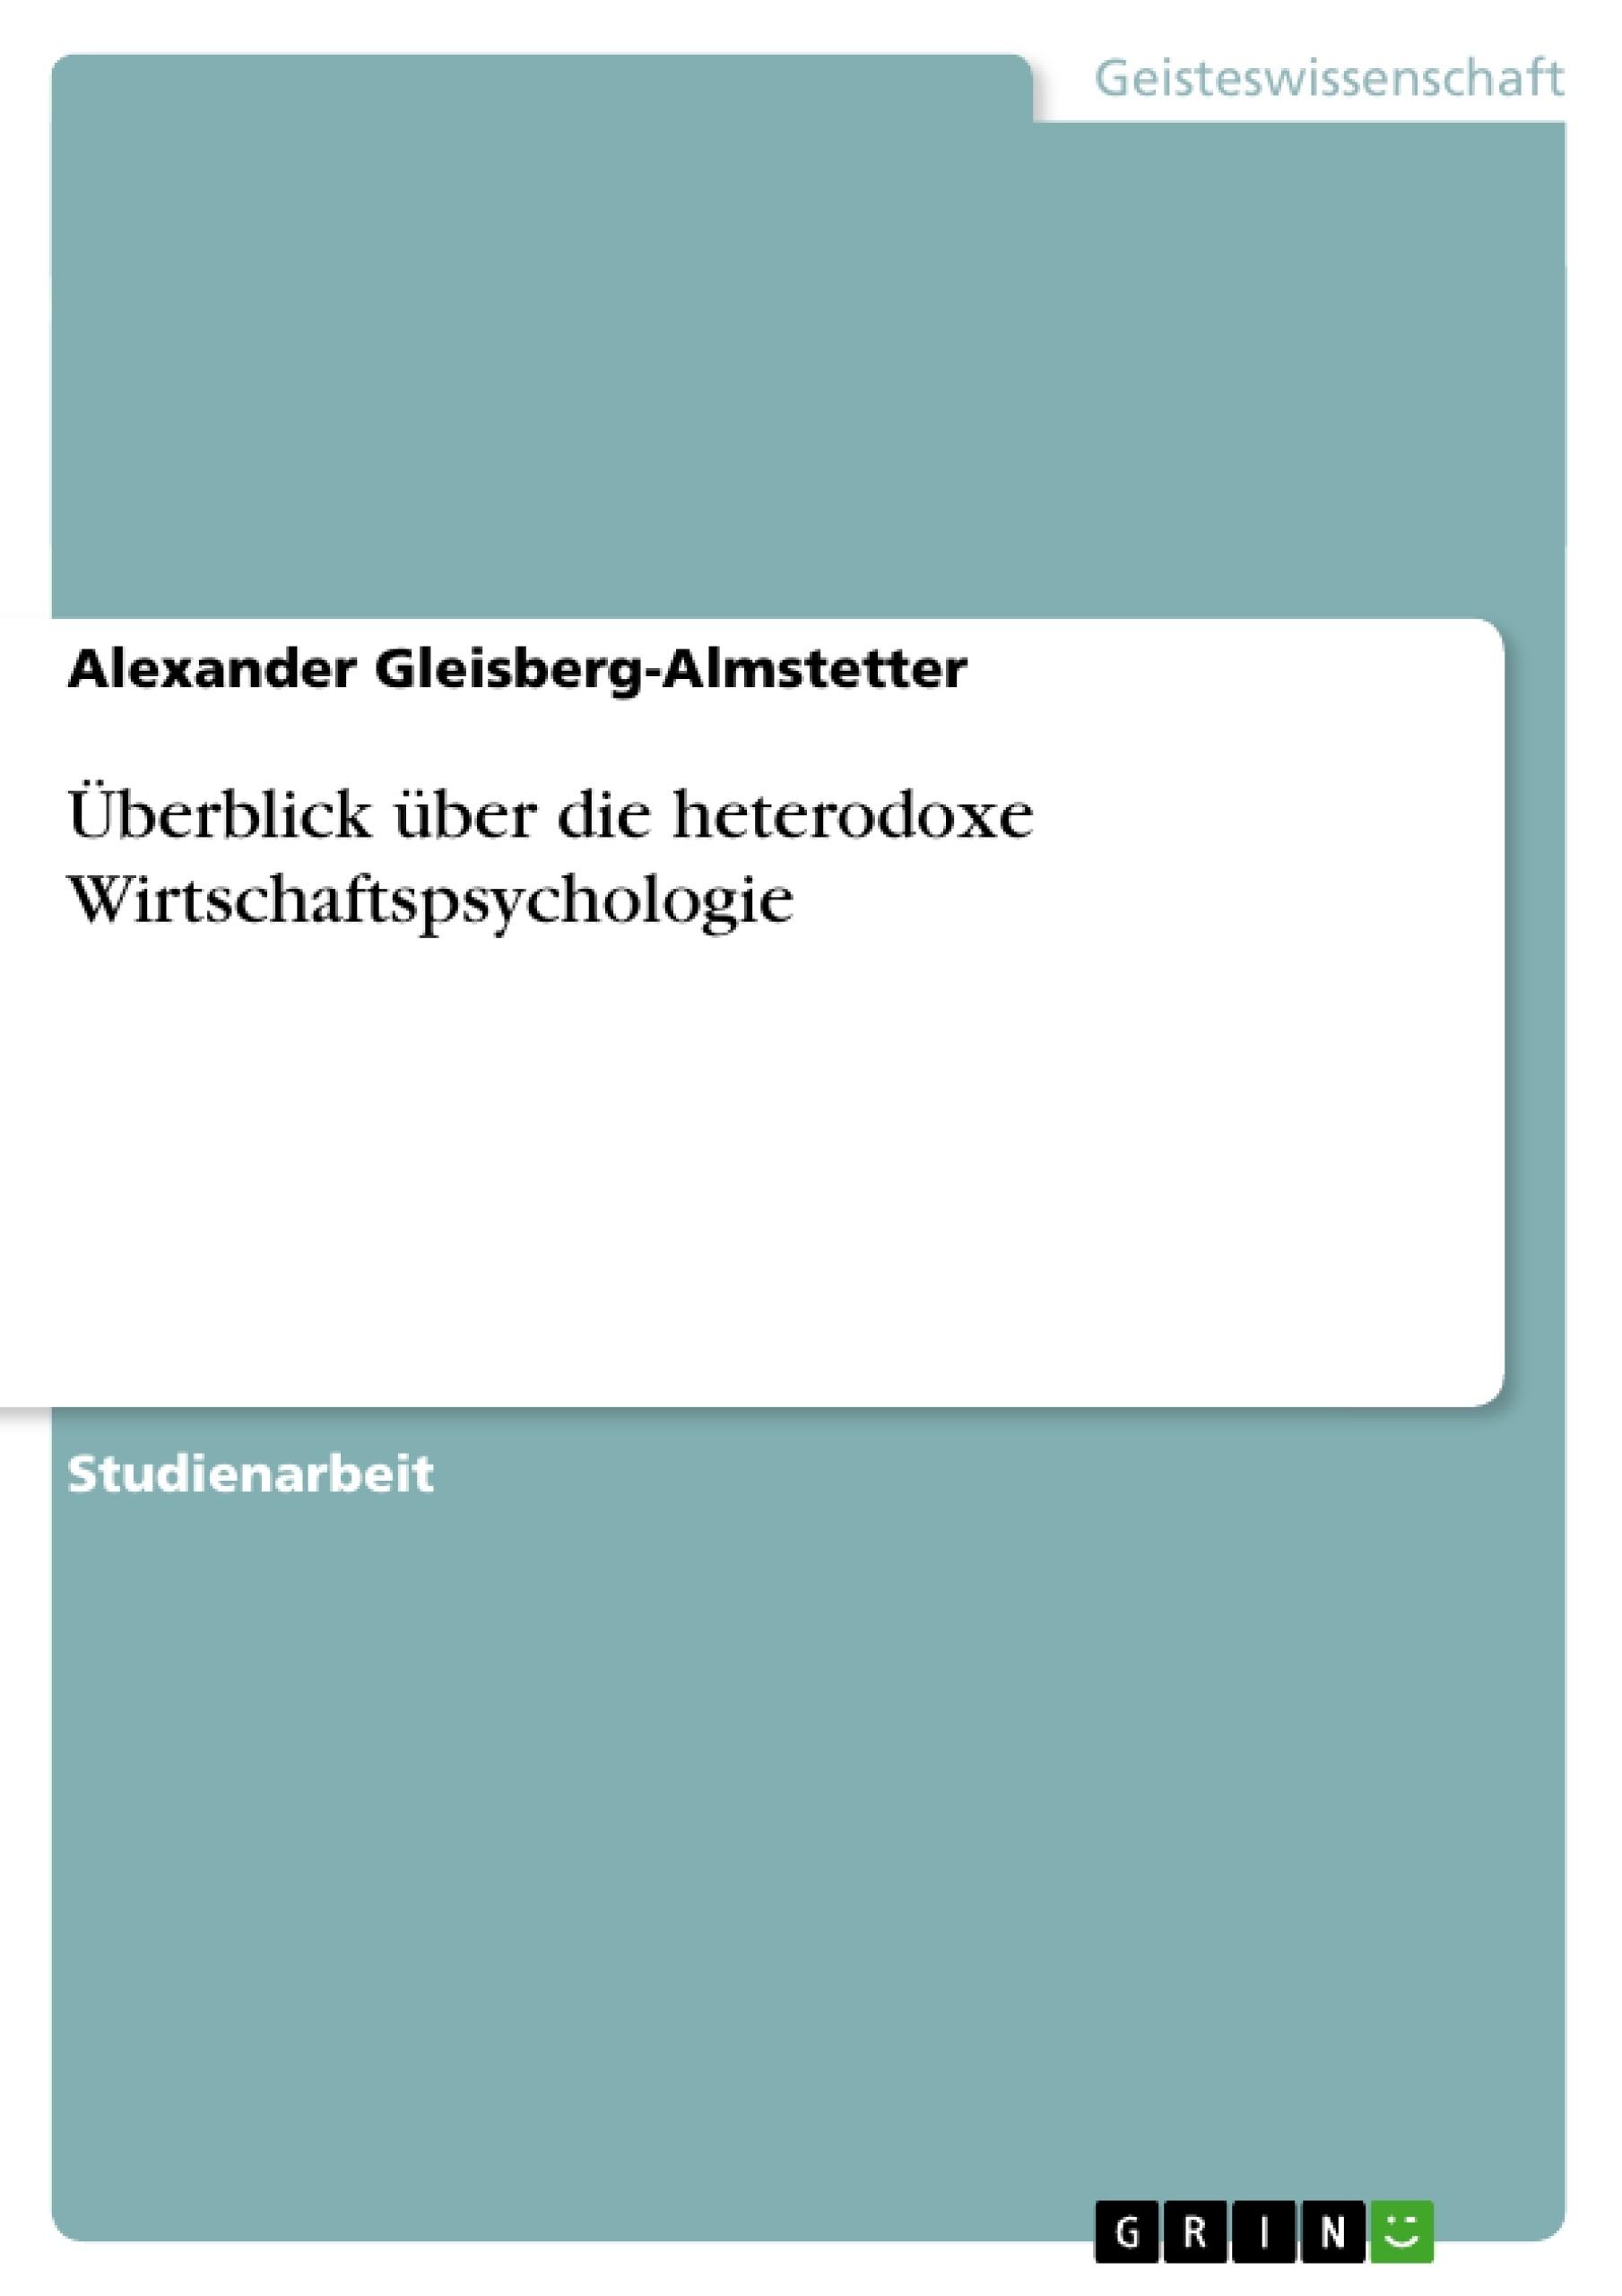 Titel: Überblick über die heterodoxe Wirtschaftspsychologie